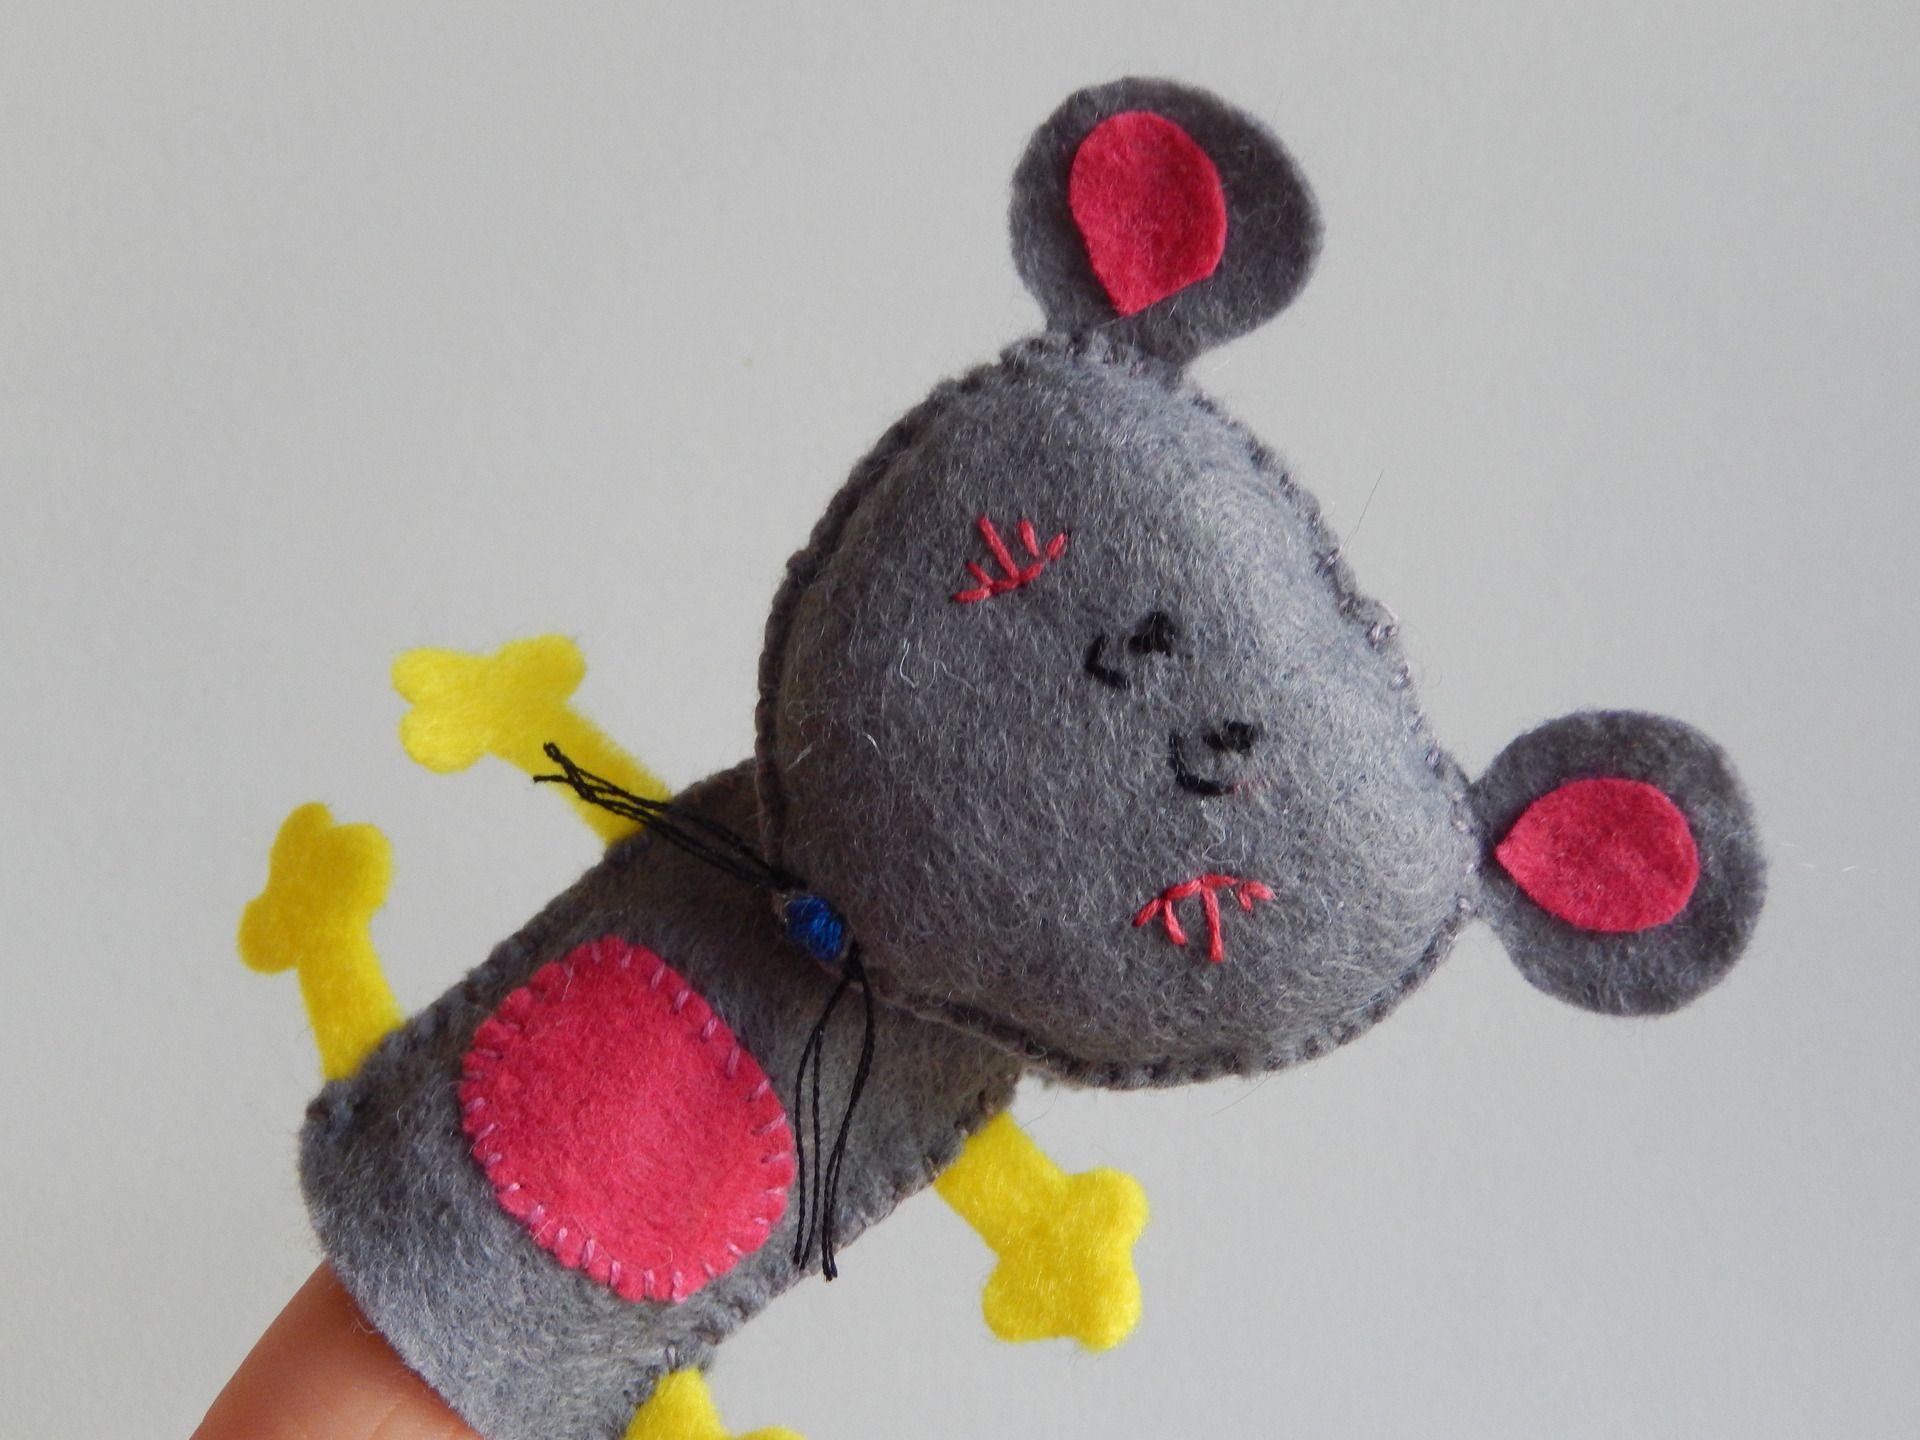 tutoriel marionnette doigt feutrine recherche google ecole marionnettes doigt pinterest. Black Bedroom Furniture Sets. Home Design Ideas